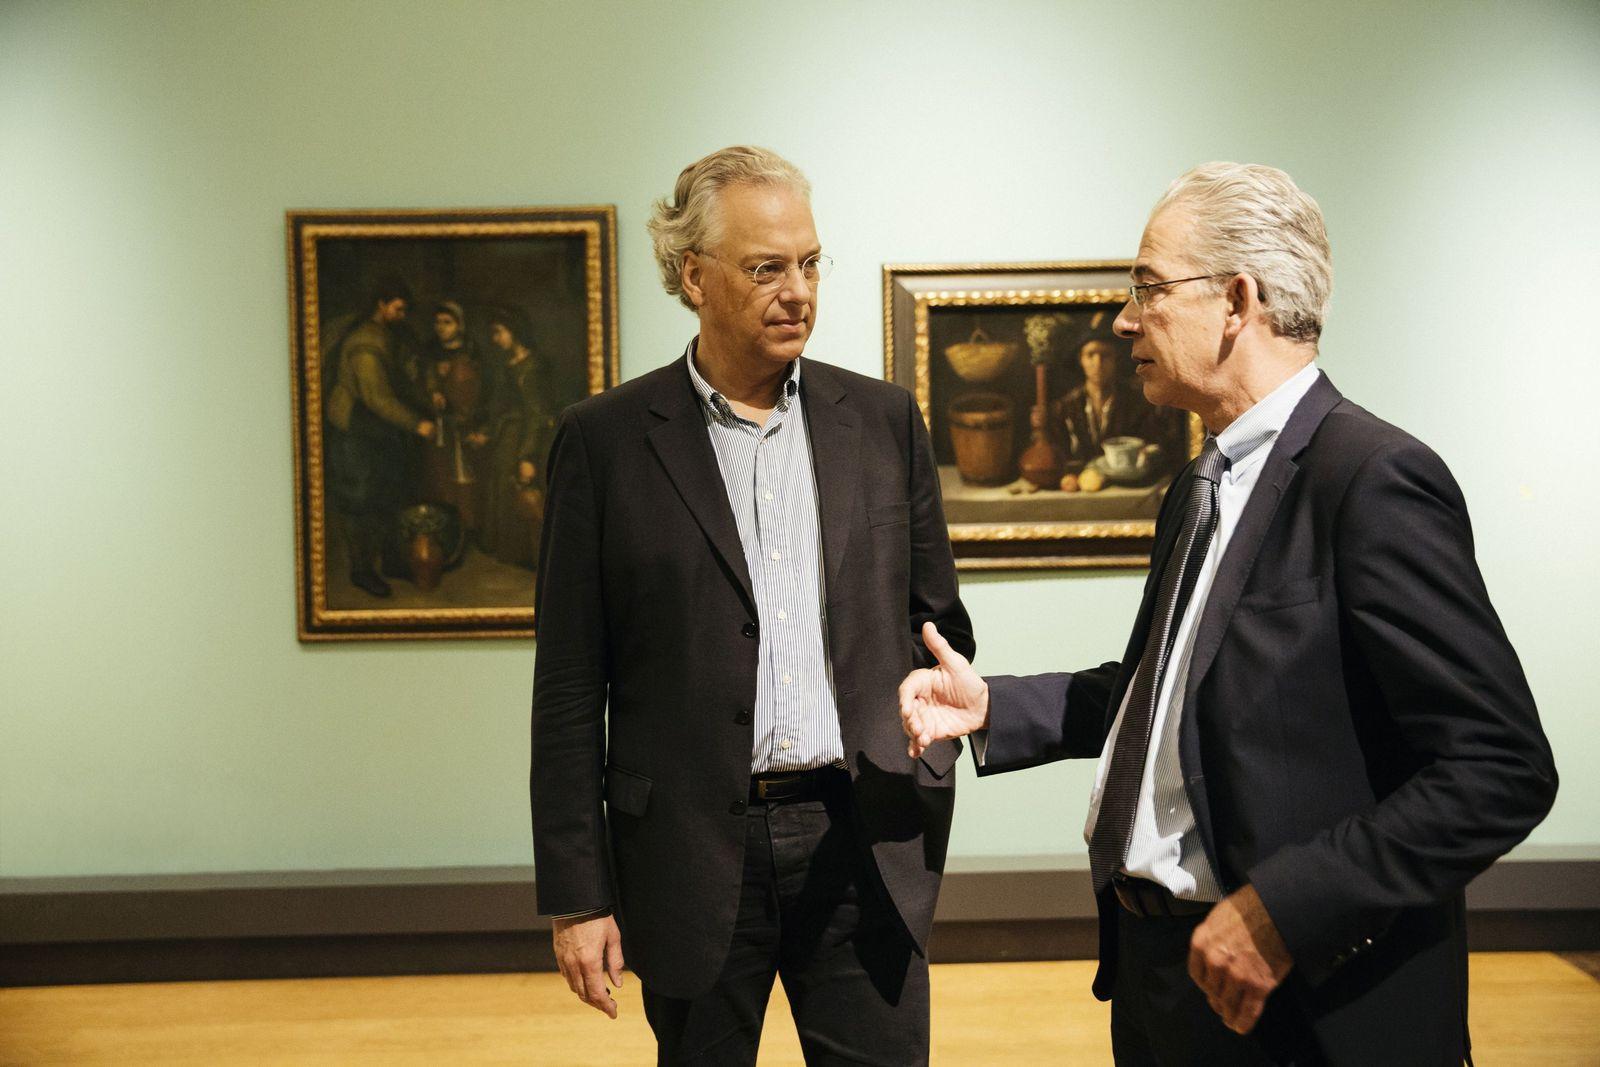 Michael Eissenhauer, Generaldirektor der Staatlichen Museen zu Berlin (links), und Bernd Lindemann, Direktor der Gemäldegalerie im Gespräch. (c) Staatliche Museen zu Berlin / Daniel Hofer